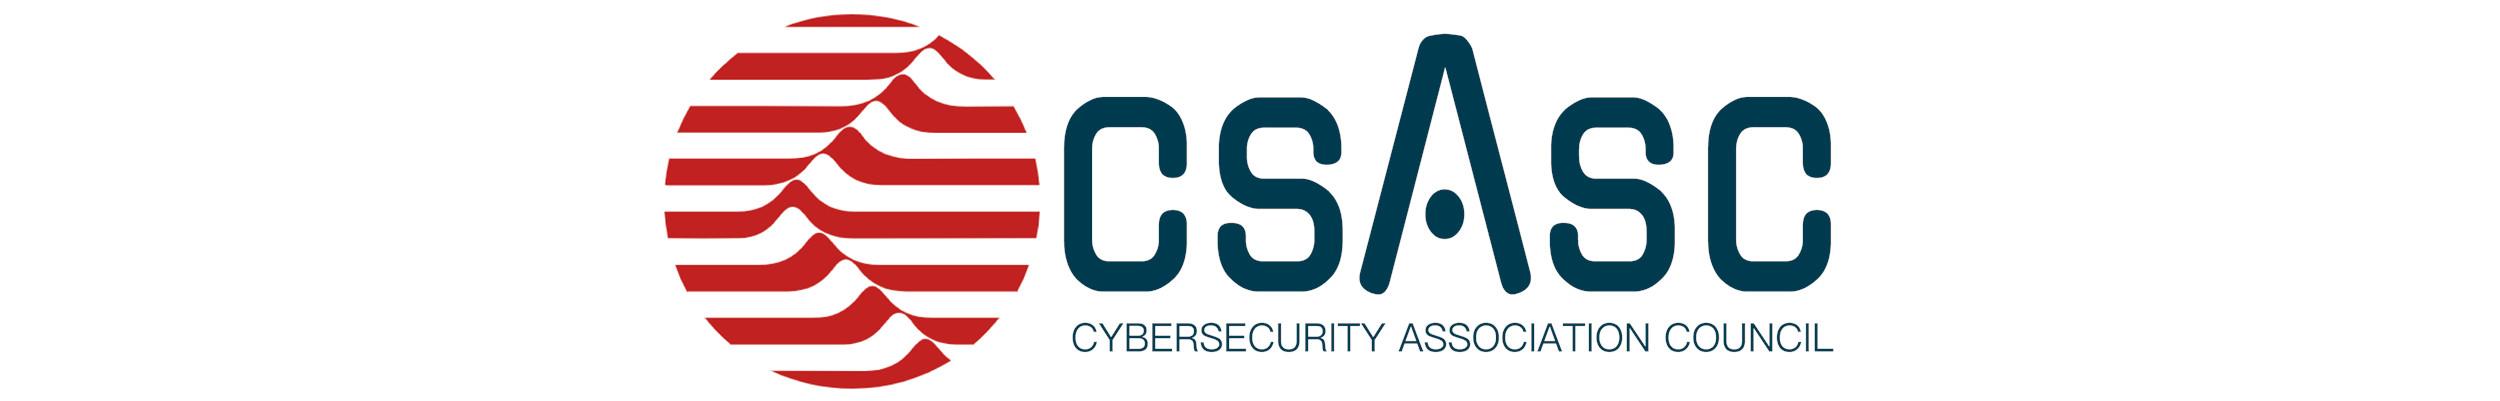 CSASC